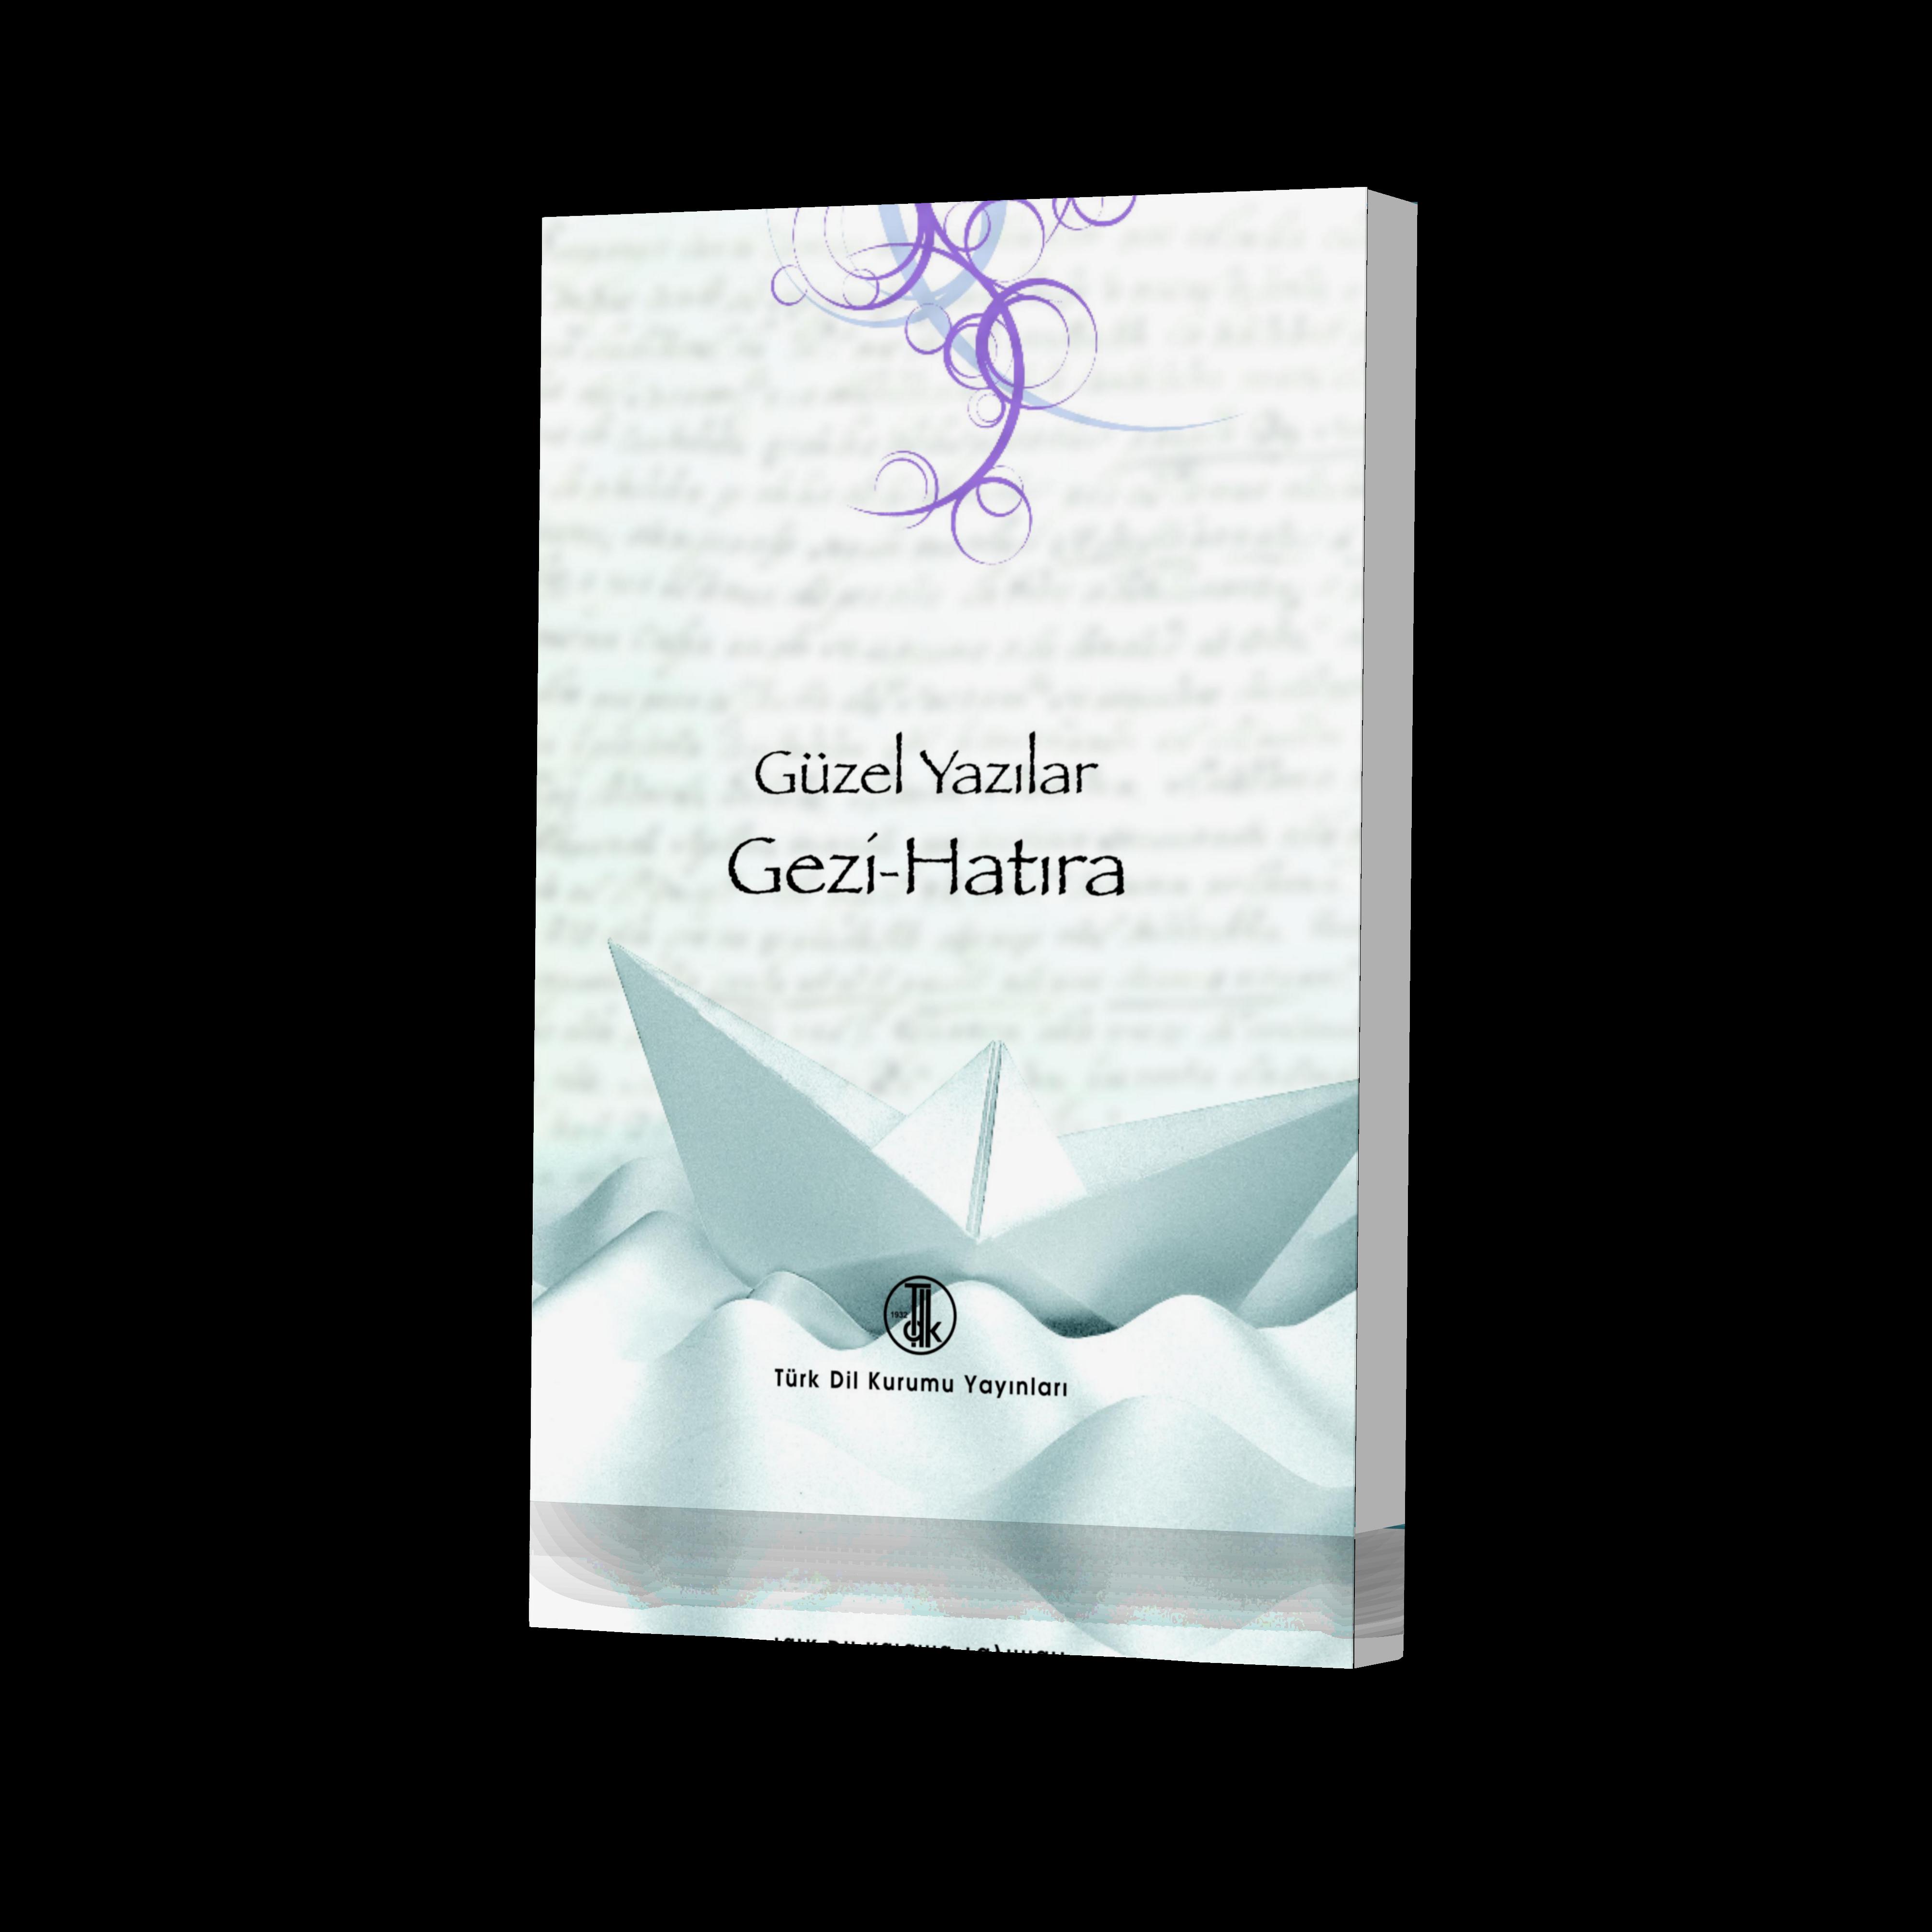 Güzel Yazılar Gezi - Hatıra, 2020